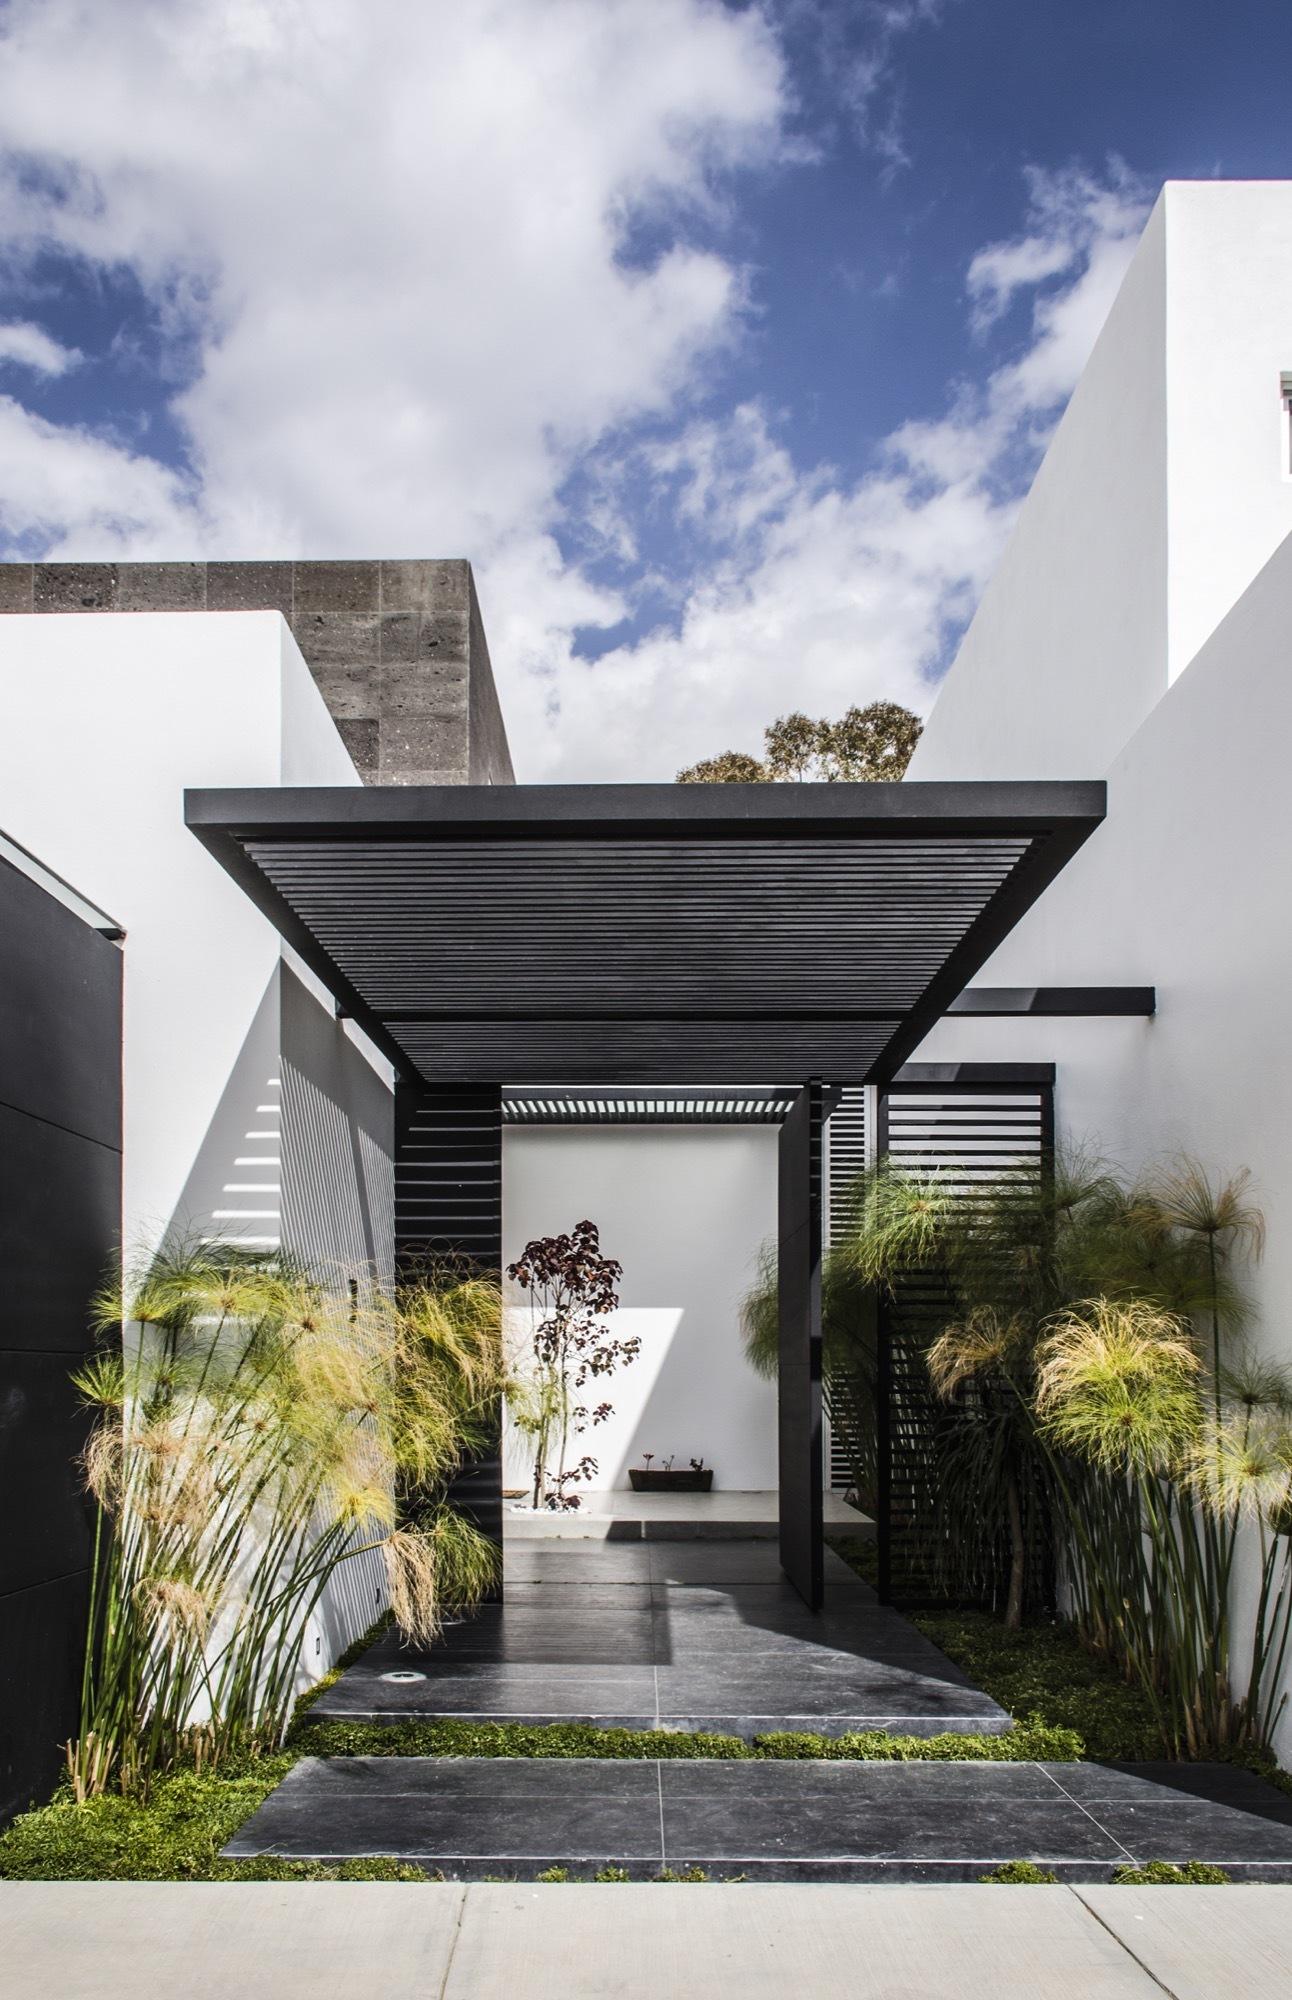 Casa mezquite bag arquitectura archdaily for Fachadas de casas con terraza